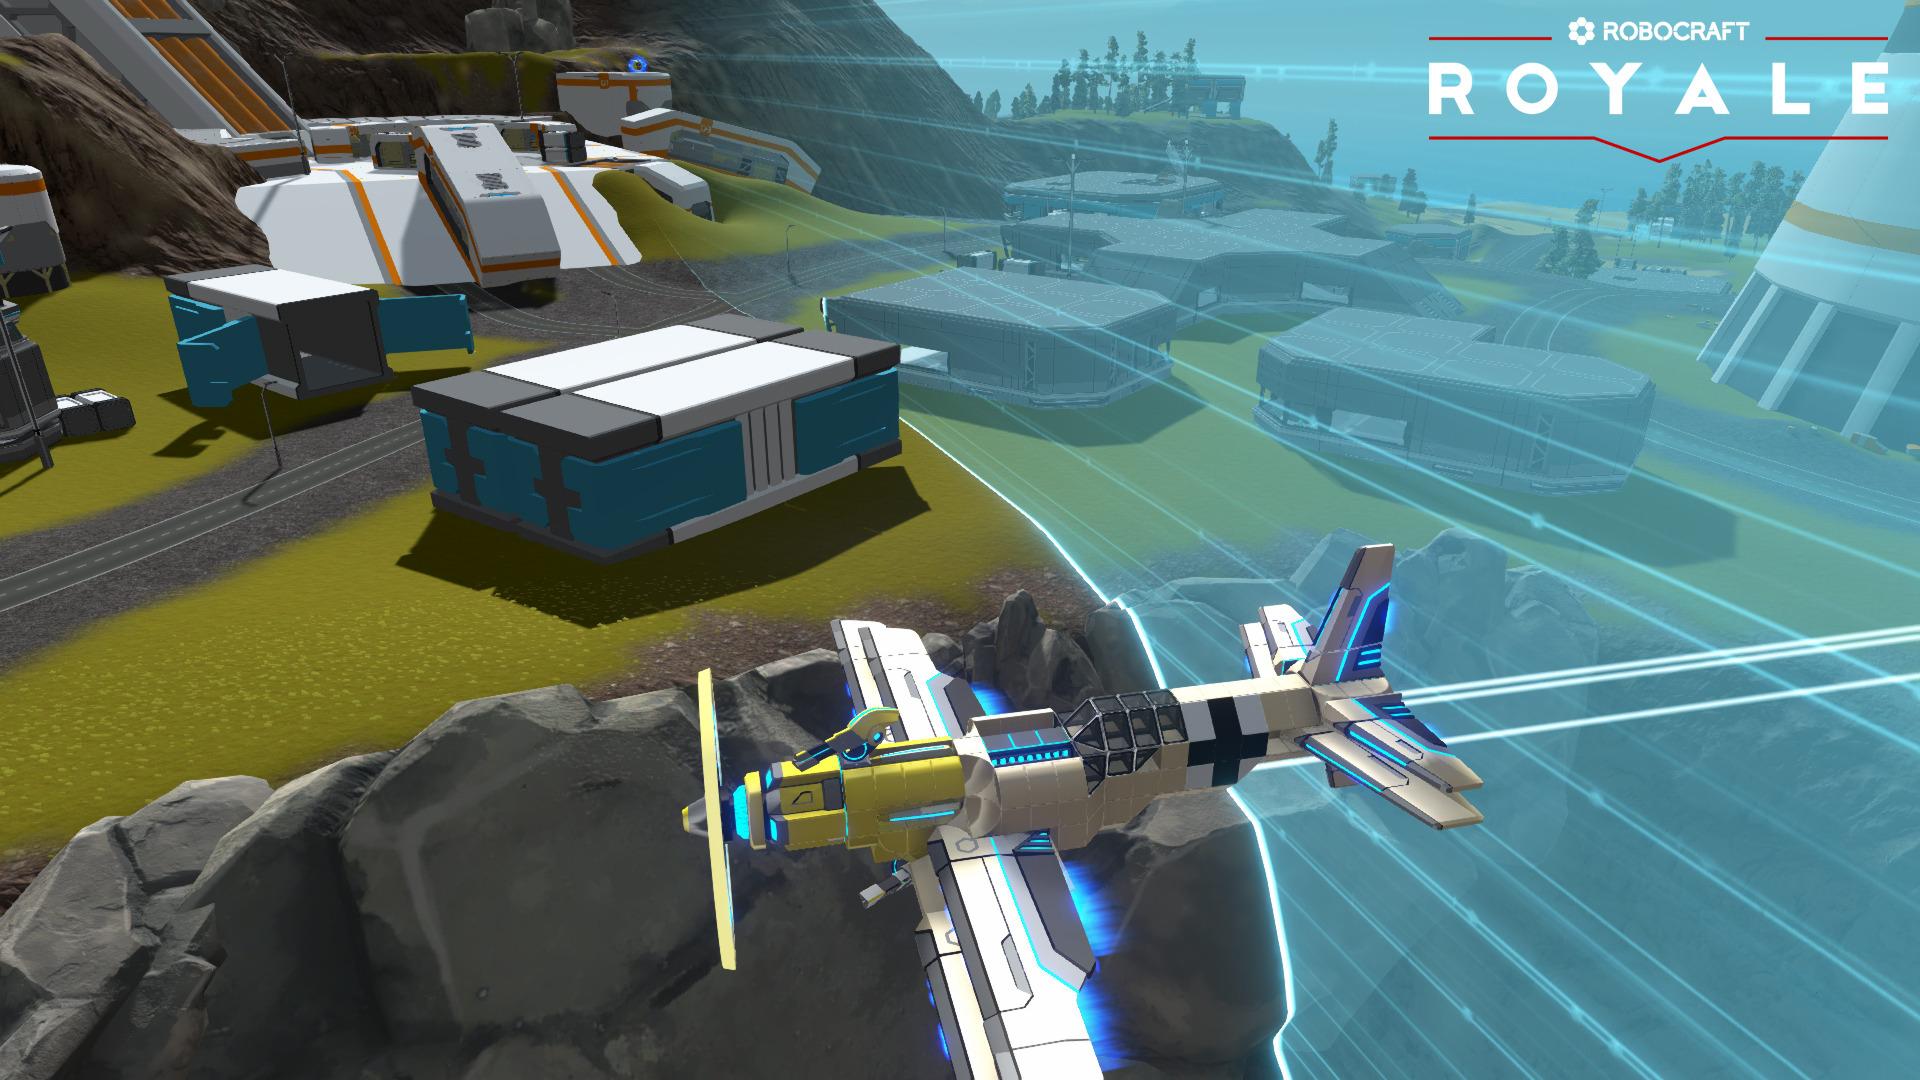 Robocraft Royale - Screenshot-Galerie | pressakey.com